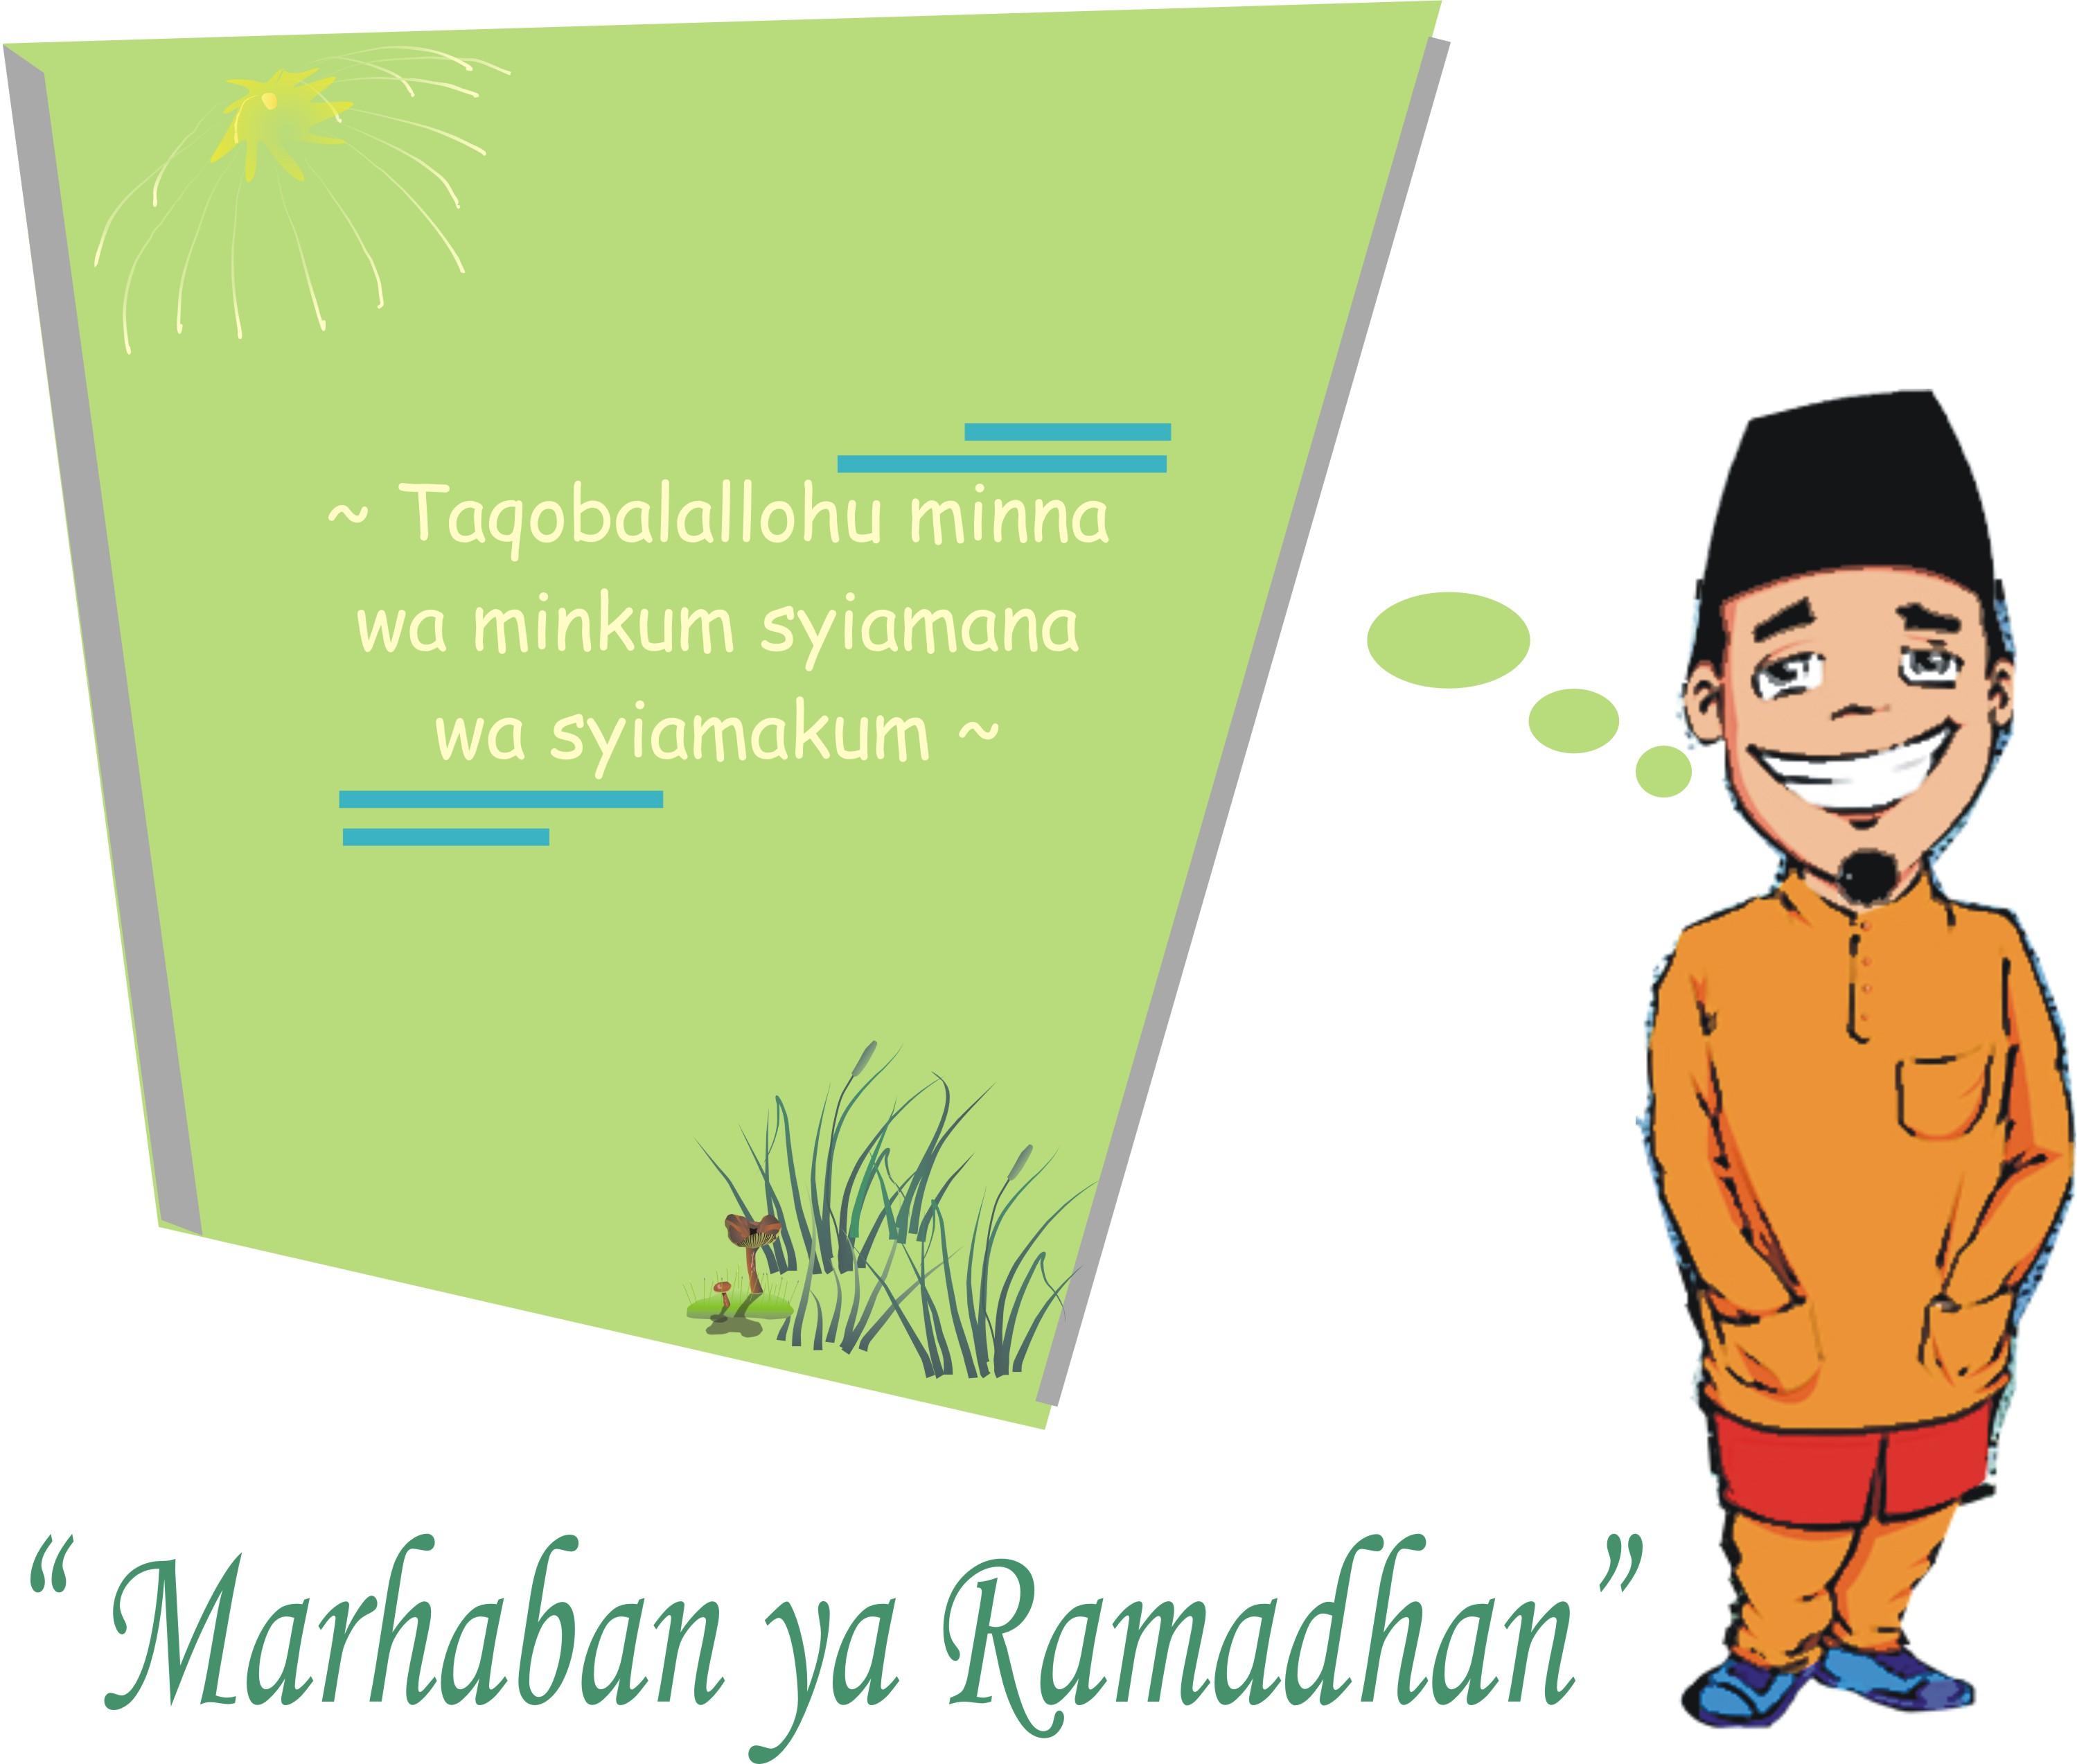 22 Ucapan Ramadhan Lucu Ideas Kata Mutiara Terbaru - Kad Hari Raya - HD Wallpaper